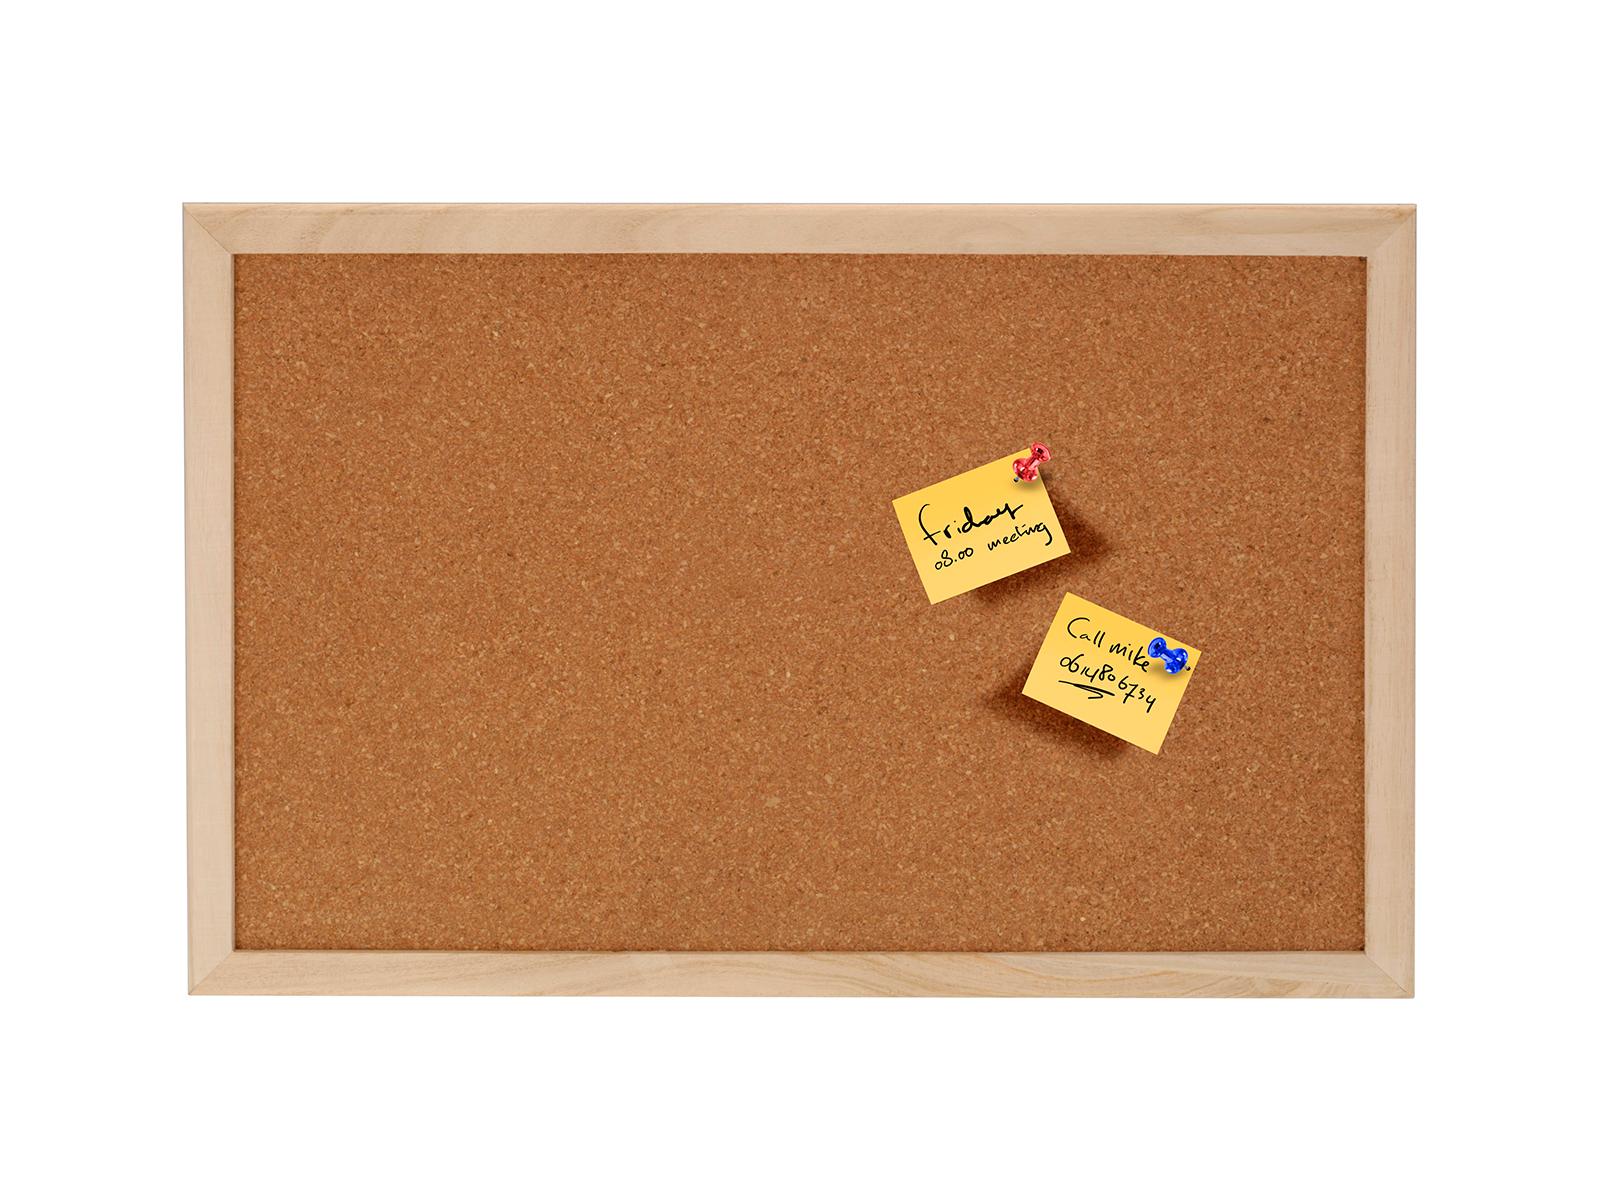 Доска для заметок BoardКанцелярские товары<br>Доска для заметок, кнопки в комплекте (5шт)<br>